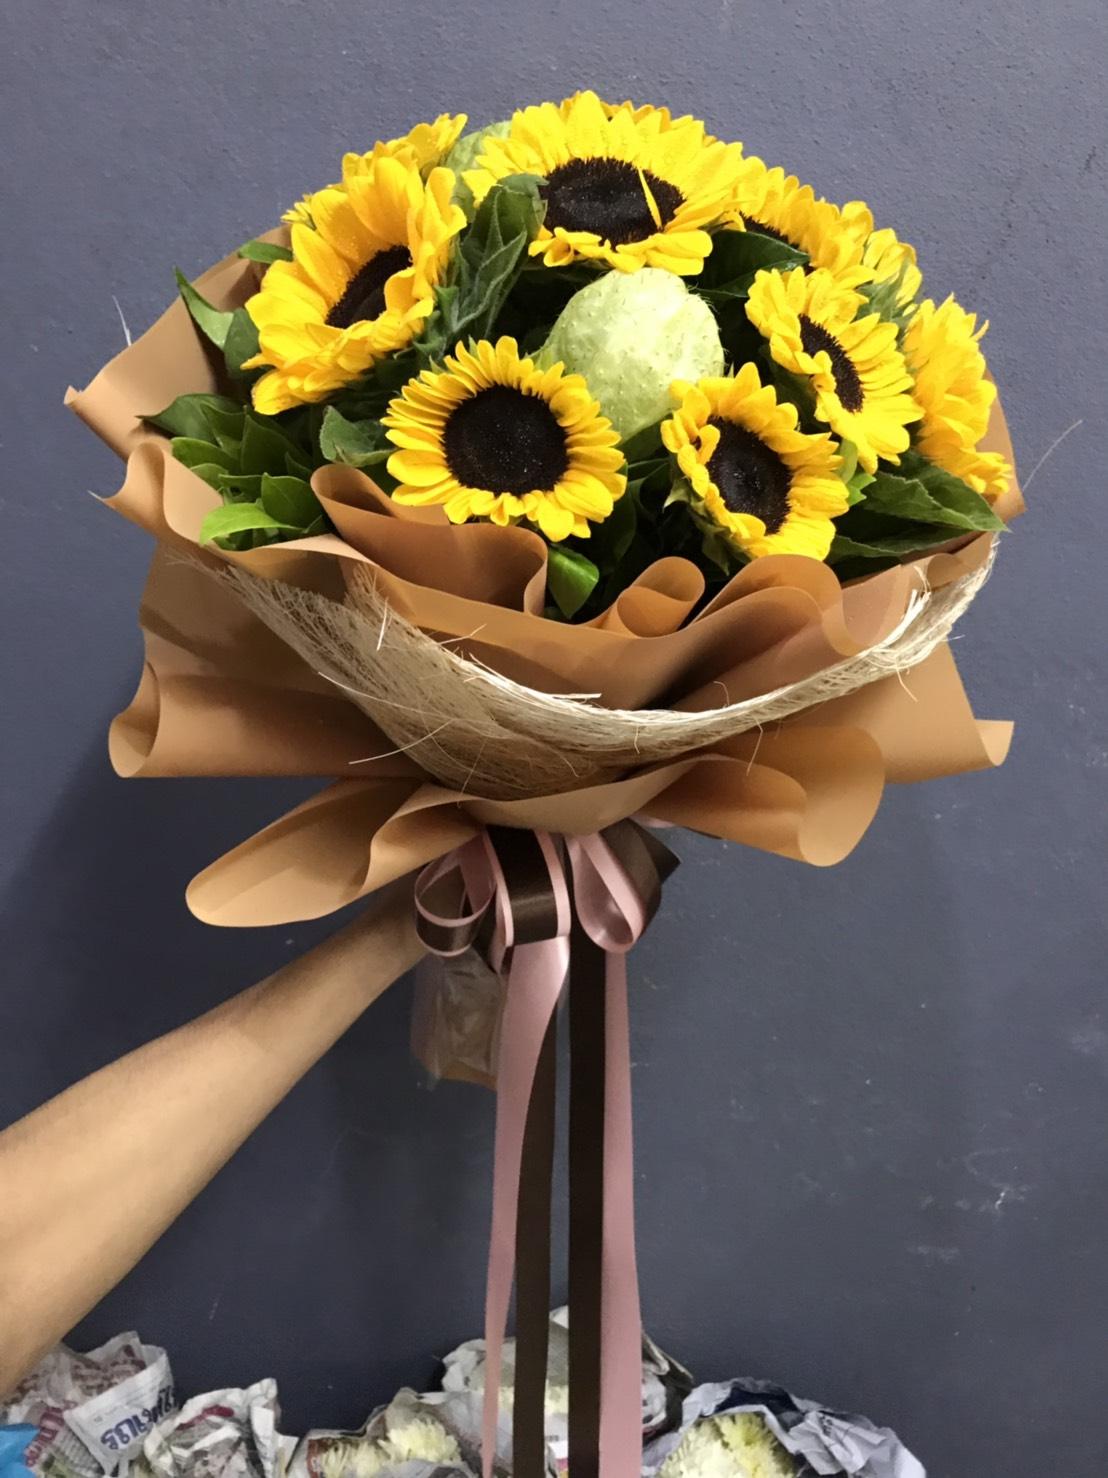 ช่อดอกทานตะวันสีีเหลืองสดใส มองแล้วสบายตา ได้กำลังใจดี ๆ อีกด้วยค่ะ